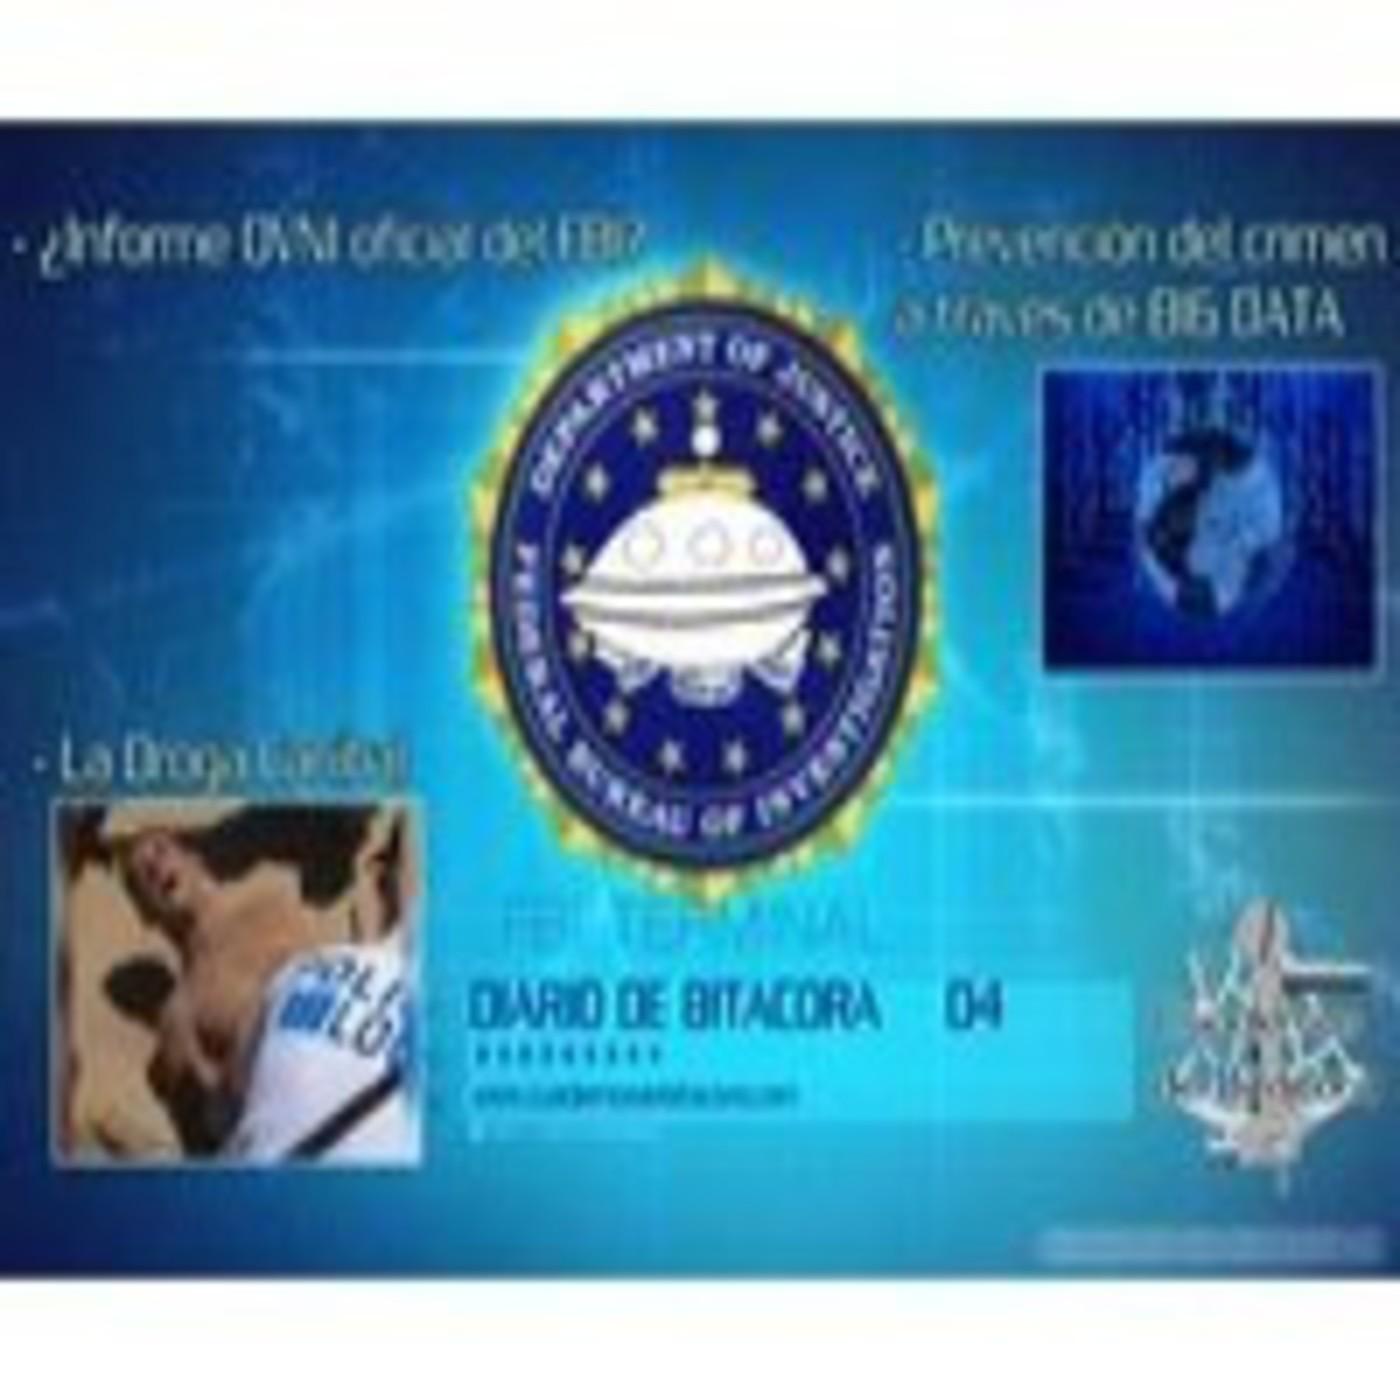 Diario de Bitácora 04: Informe OVNI del FBI · La Droga Caníbal · La conspiración del Big Data